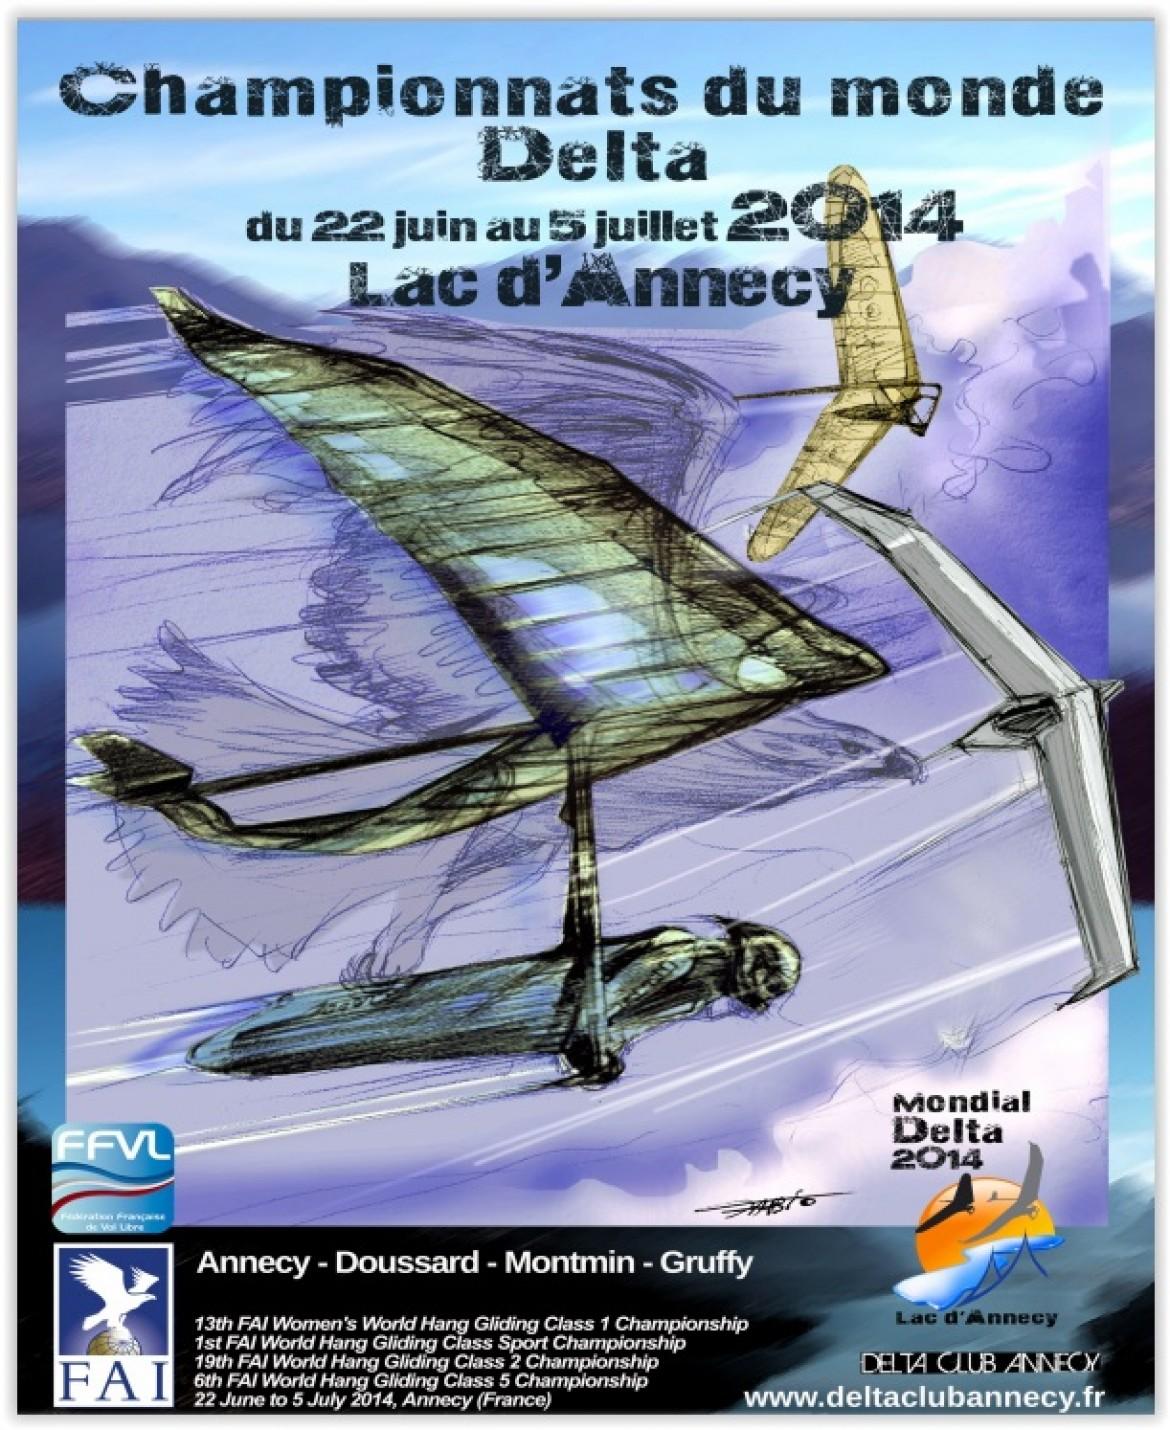 Mondial delta 2014 à Annecy du 22 juin au 5 juillet